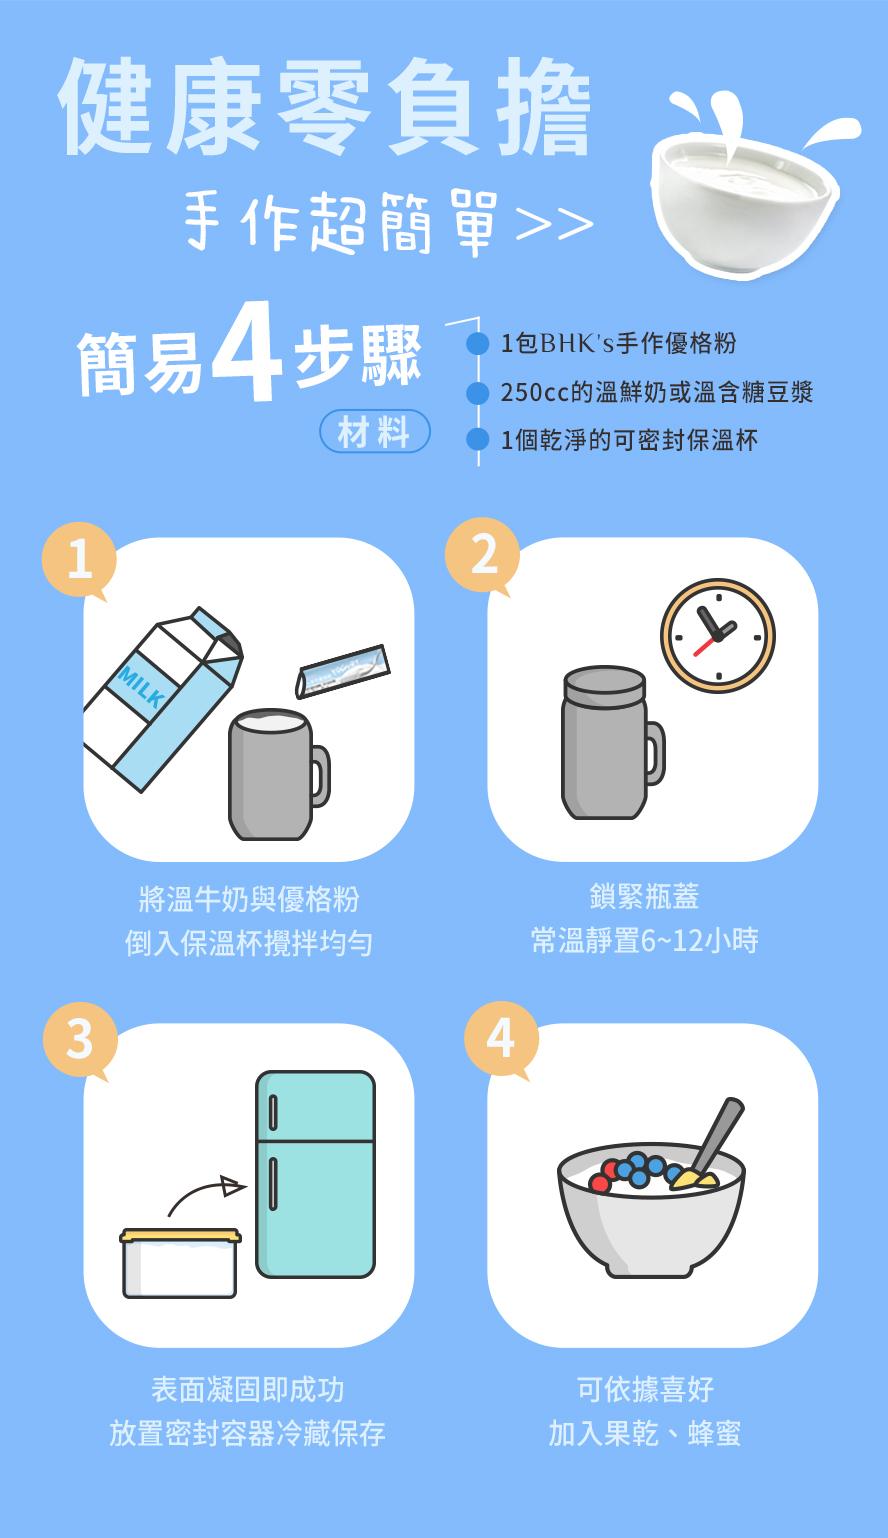 BHK's手作優格粉簡單4步驟,250c.c.的溫牛奶或豆漿混合常溫放置6-12小時再放入冷藏